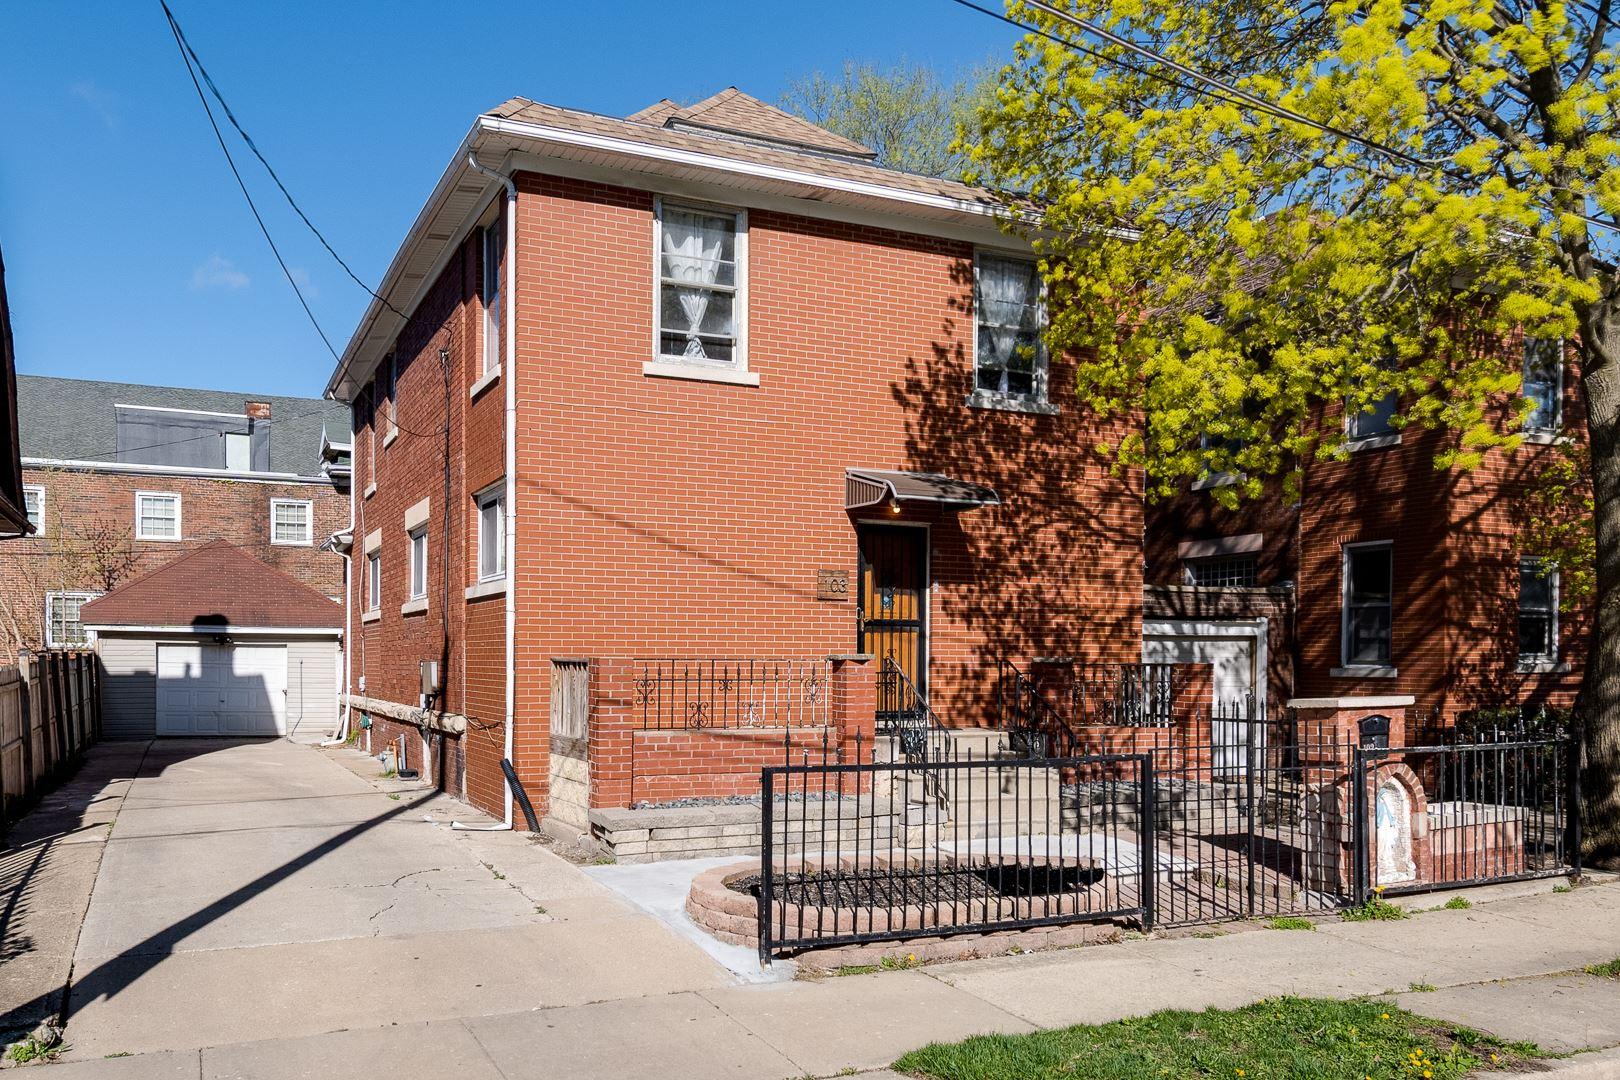 Photo of 103 Hunter Avenue, Joliet, IL 60436 (MLS # 11054064)